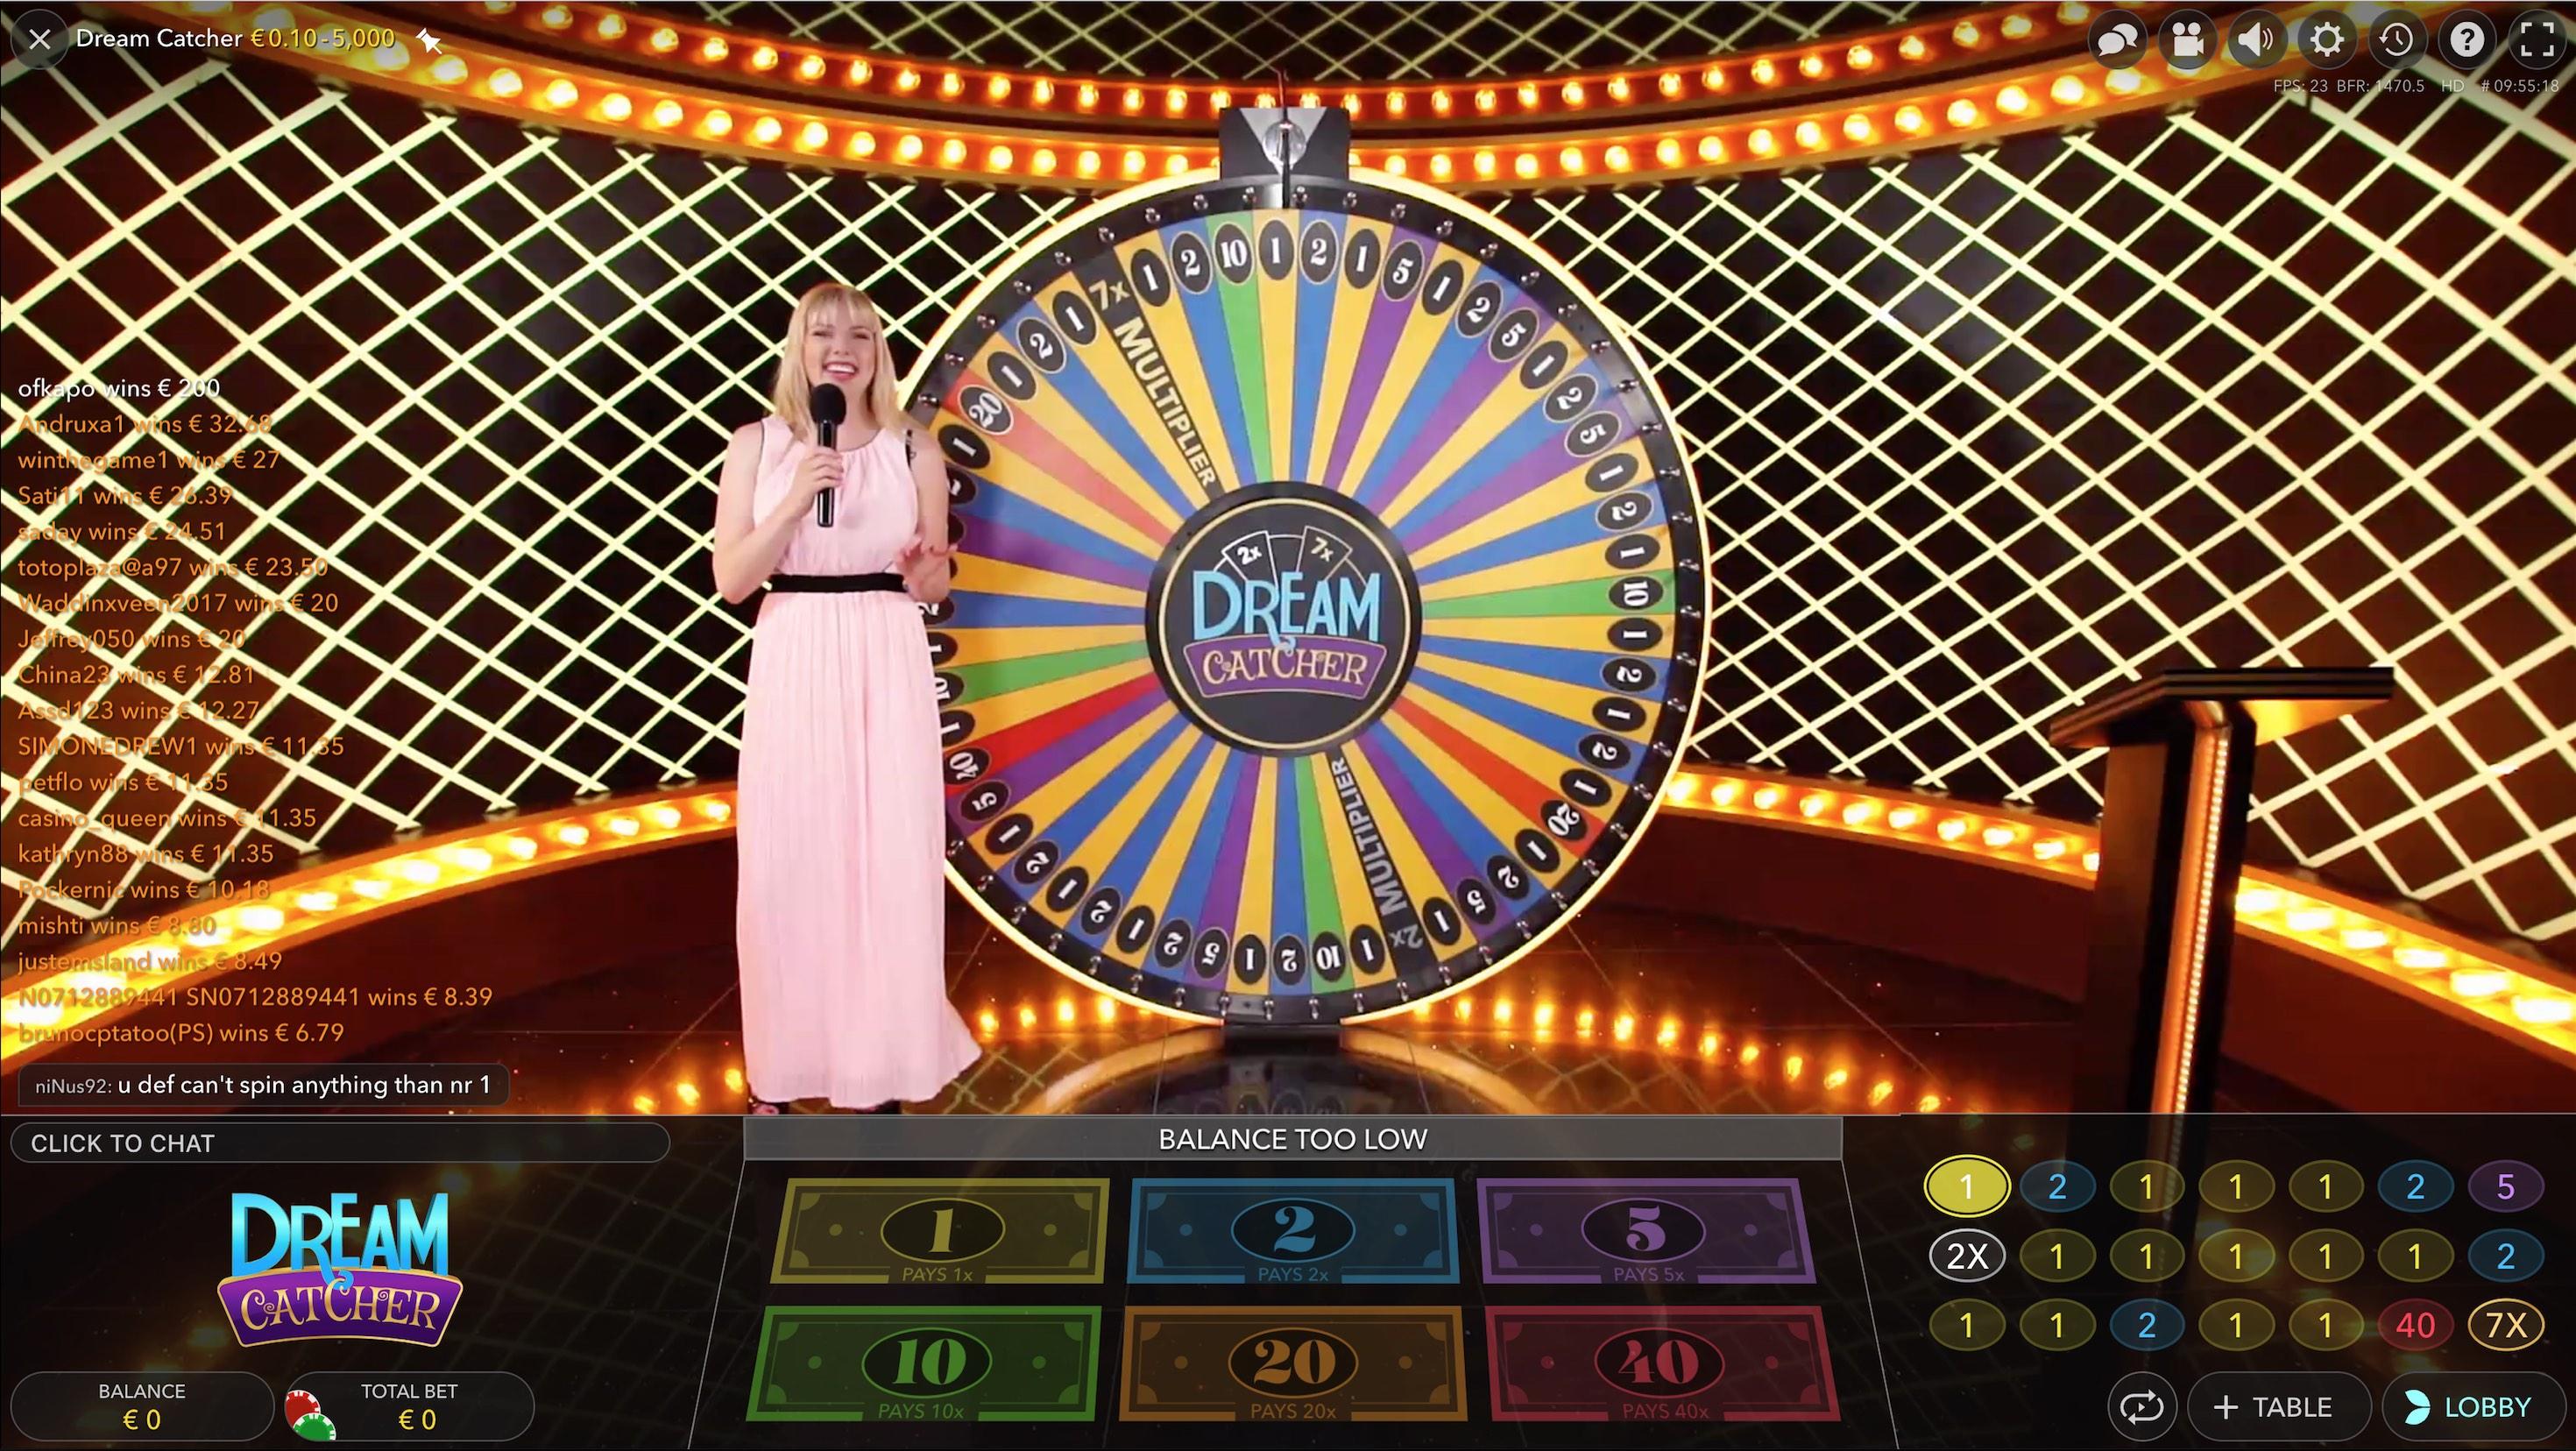 live dream catcher_online-casino-spiel_beste online-casinos um Live-Dream-Catcher zu spielen